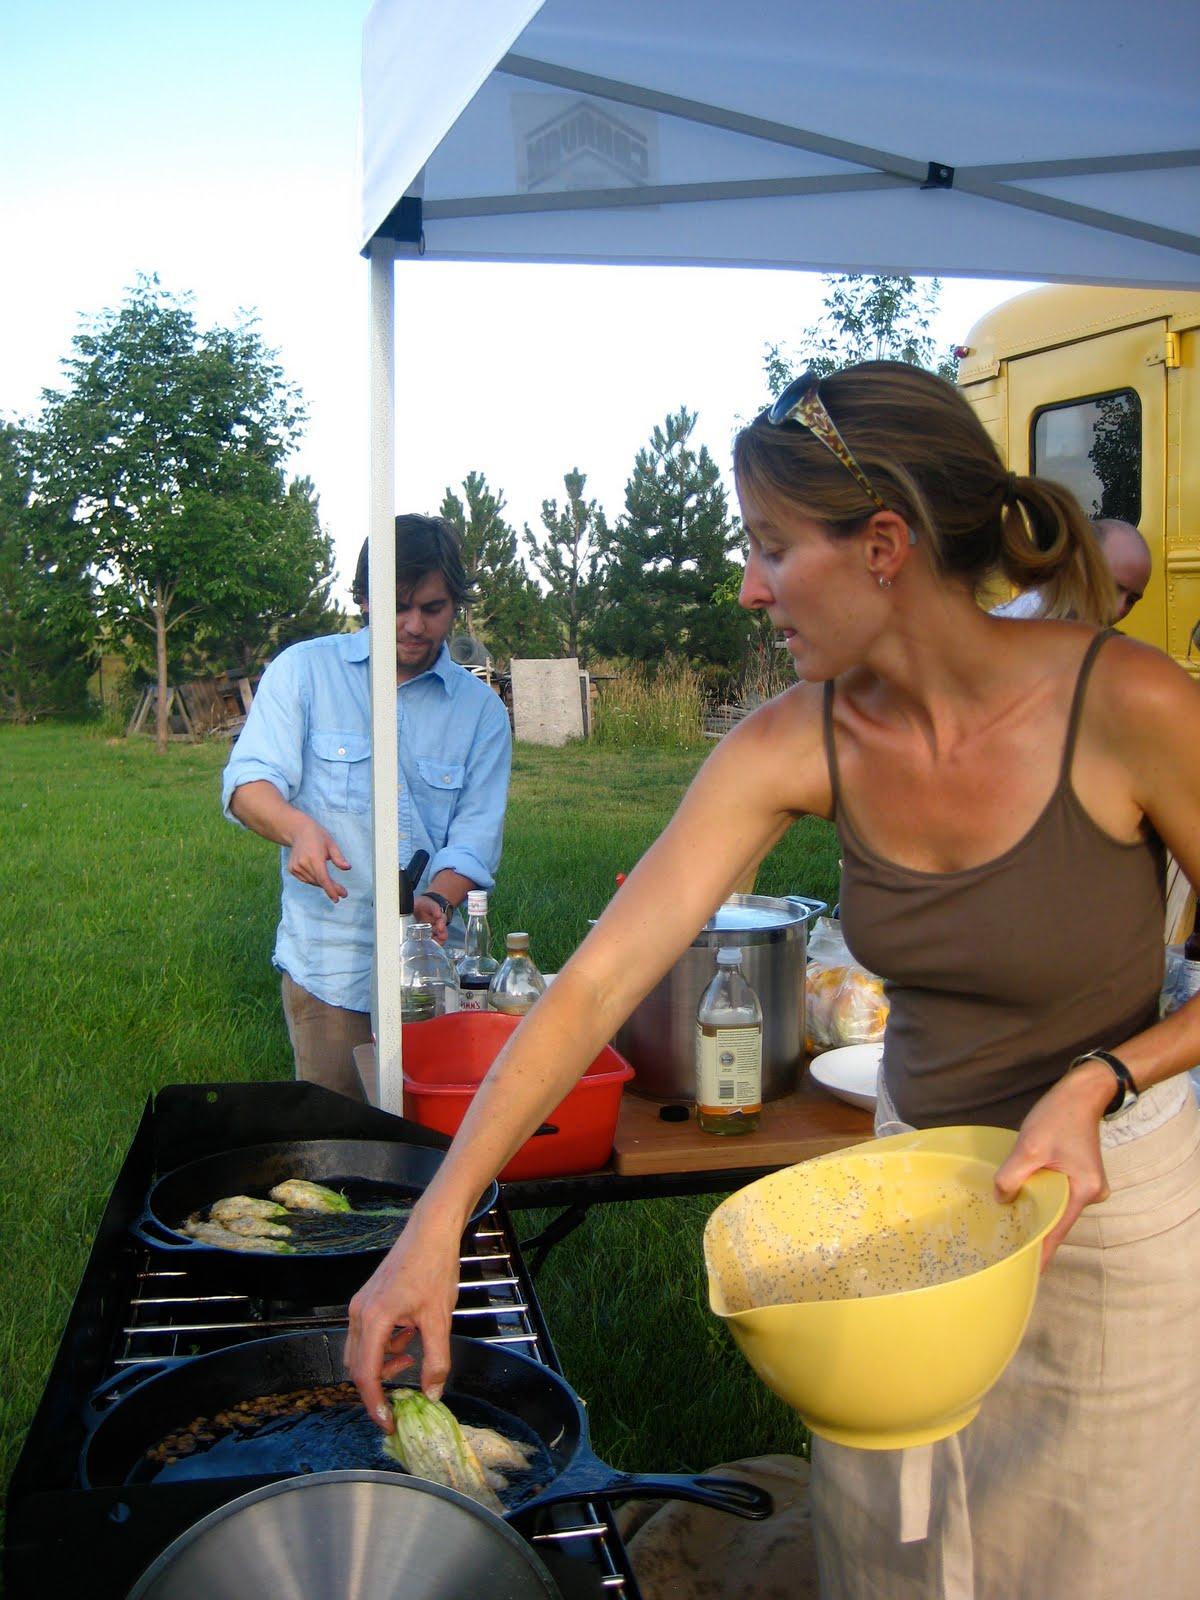 lady-prepares-food.jpg